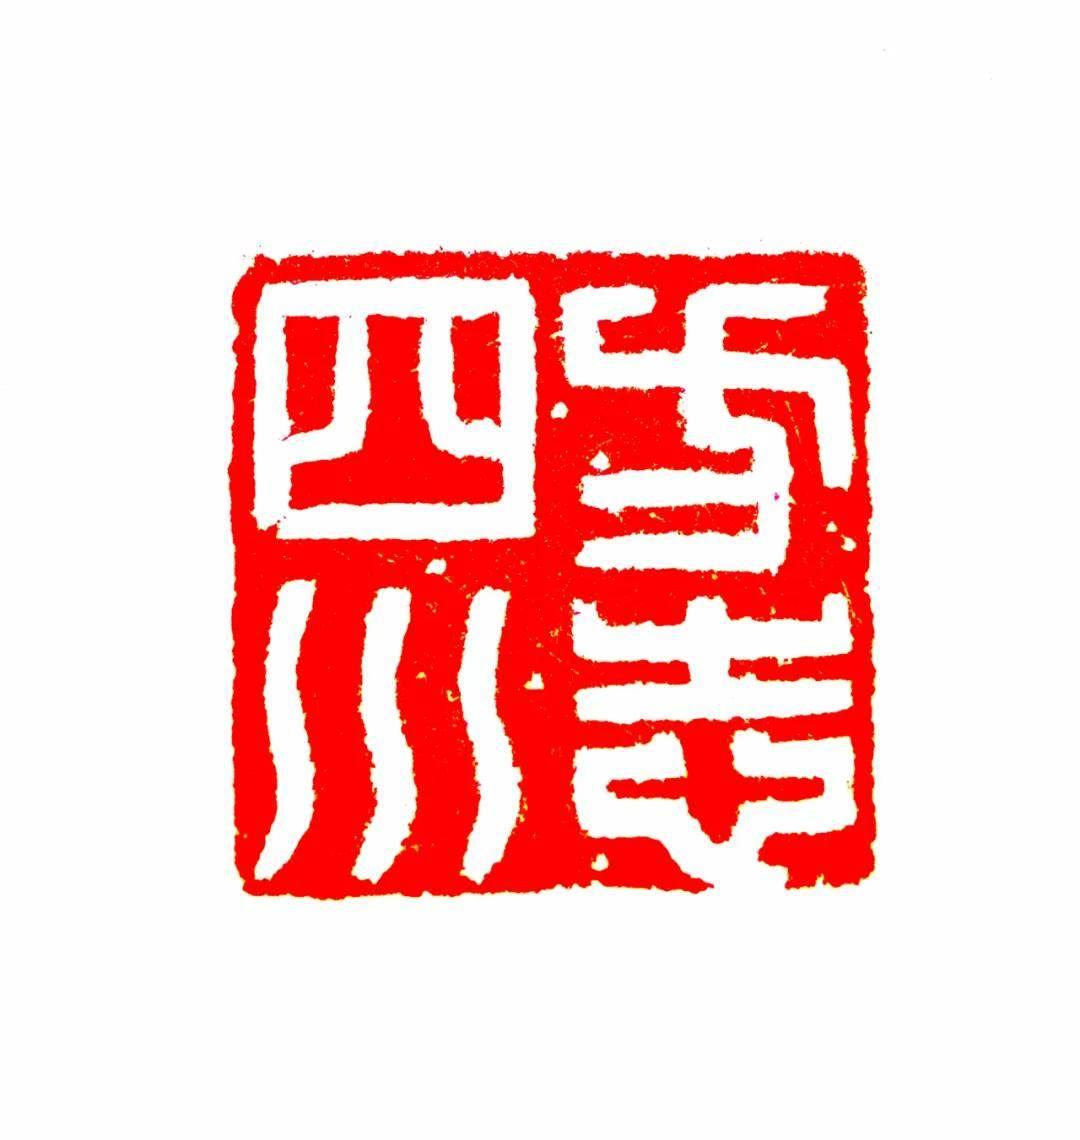 【方志四川•地情】江油:李白故里迭代千年